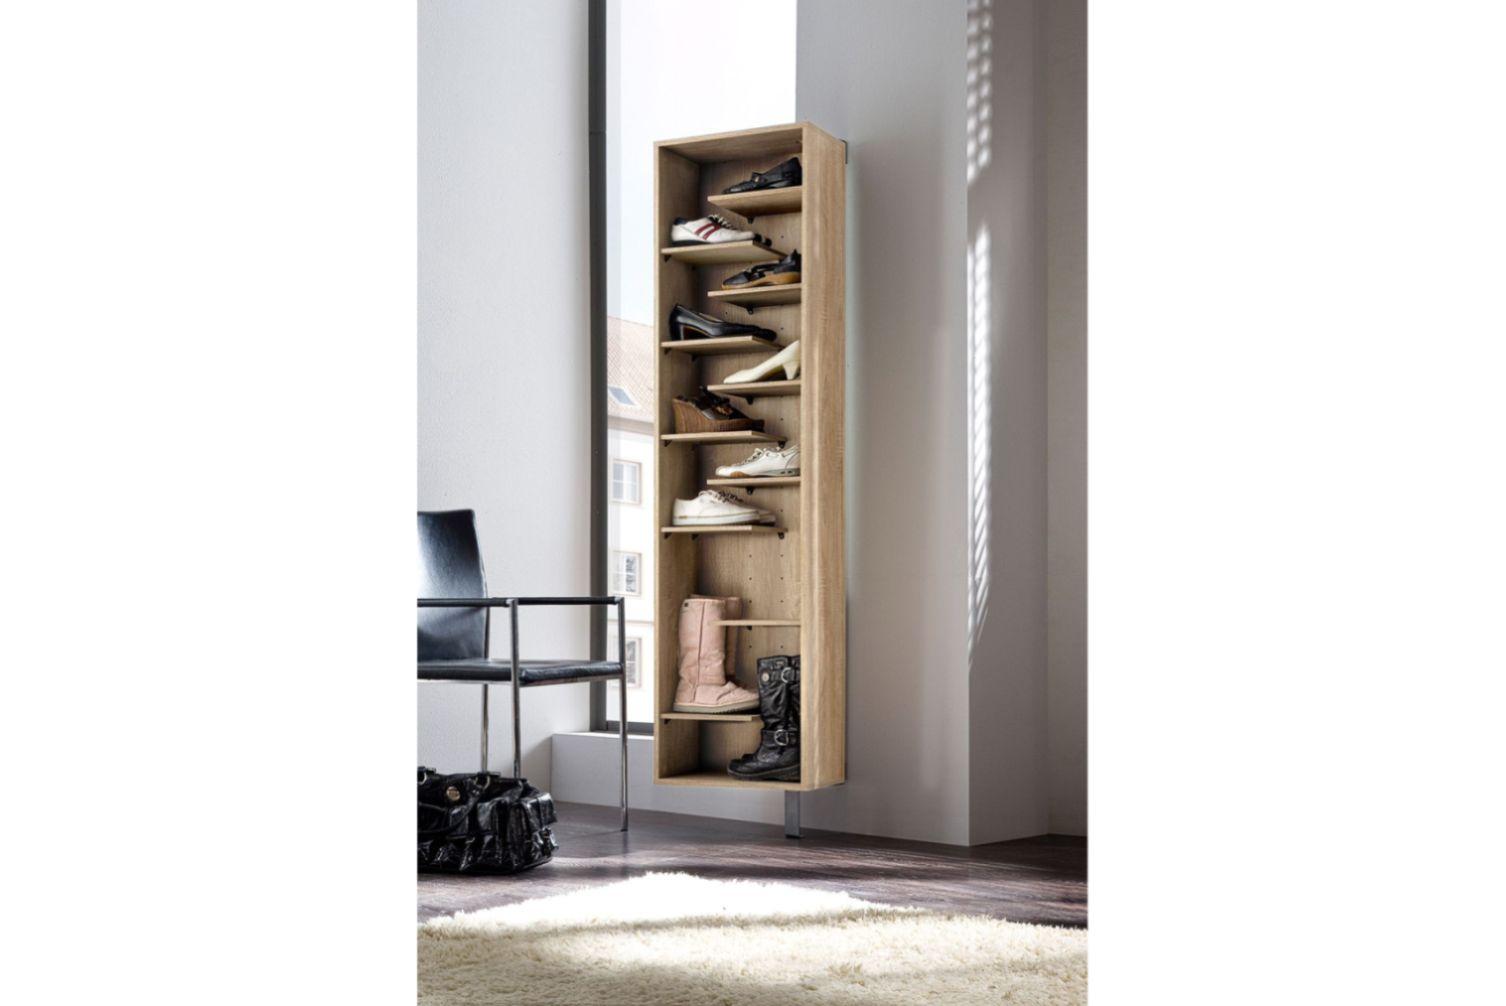 schrank dielenschrank neu schuhschrank schuhregal schuhablage garderobe ebay. Black Bedroom Furniture Sets. Home Design Ideas